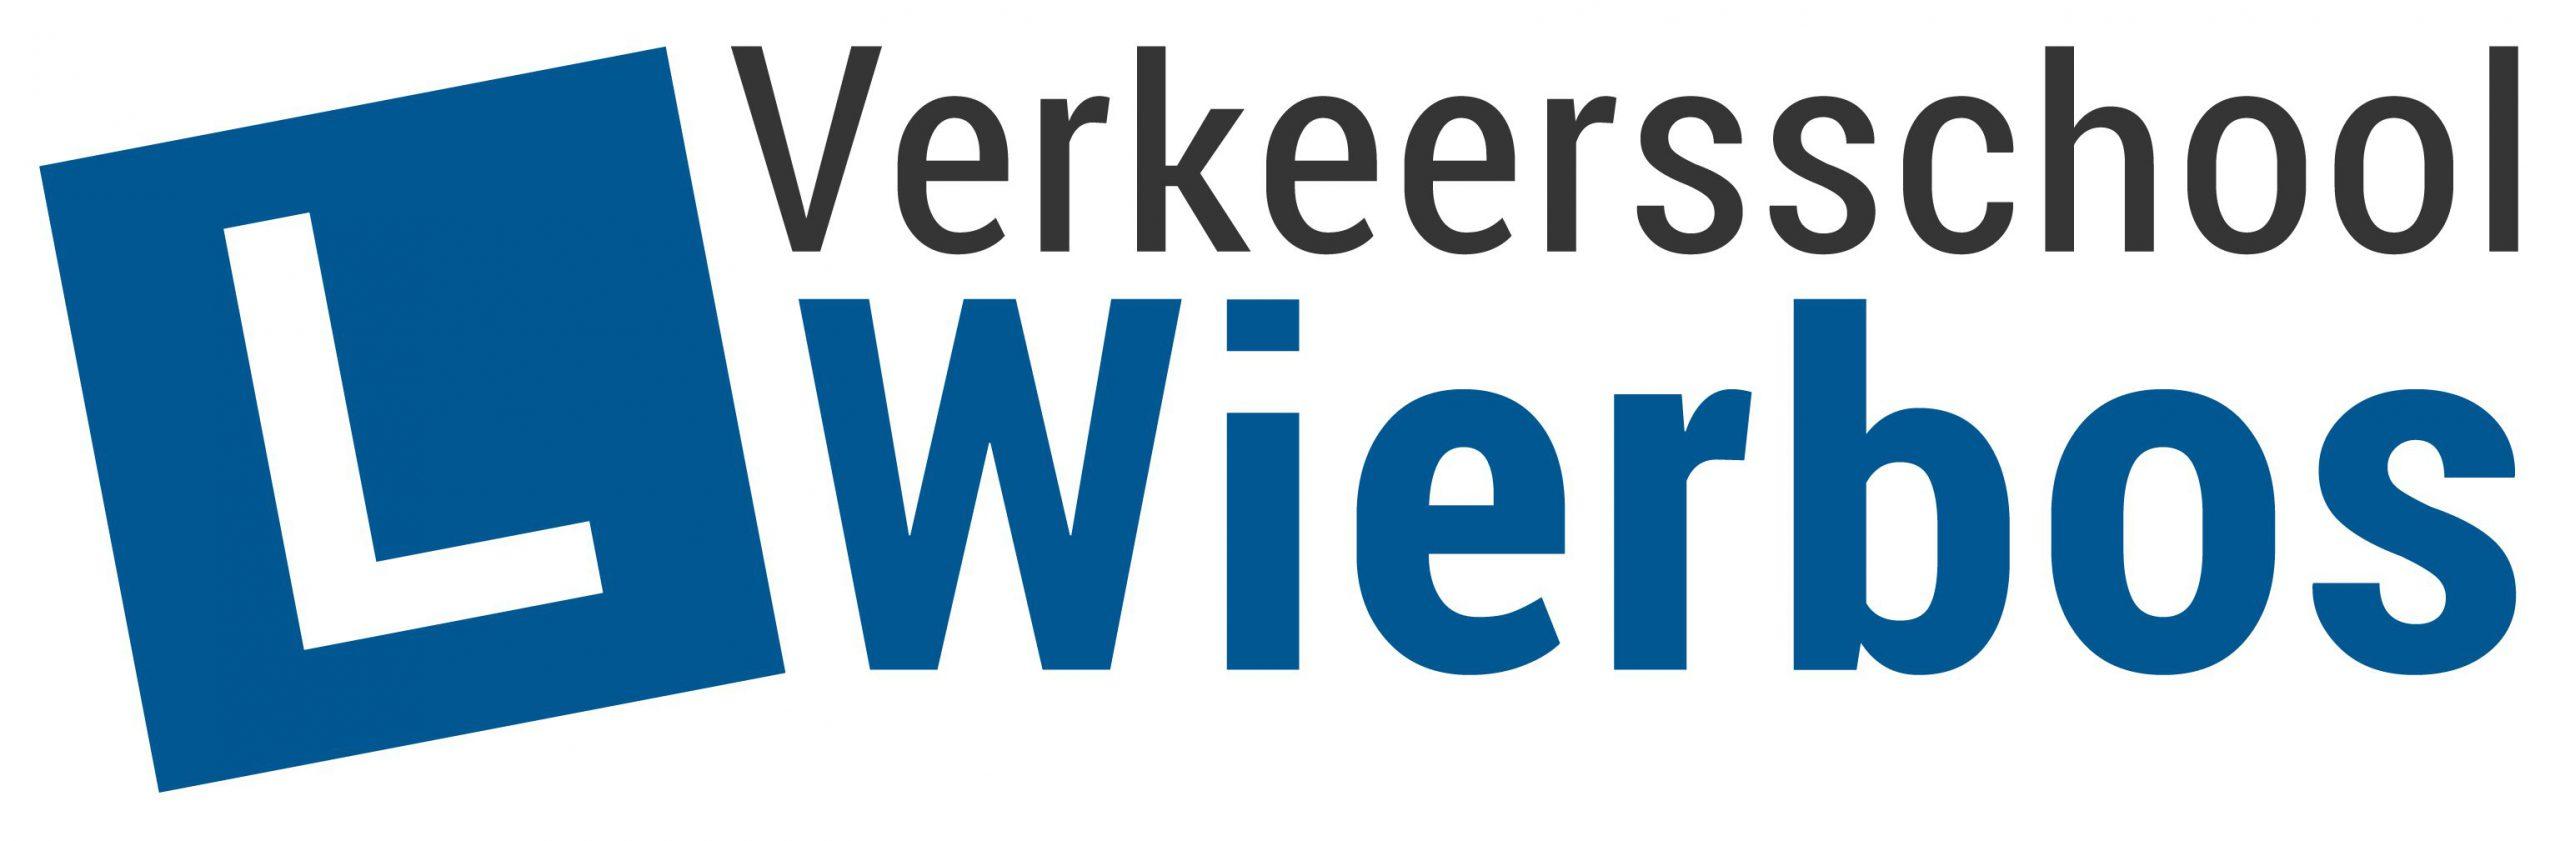 Verkeersschool Wierbos